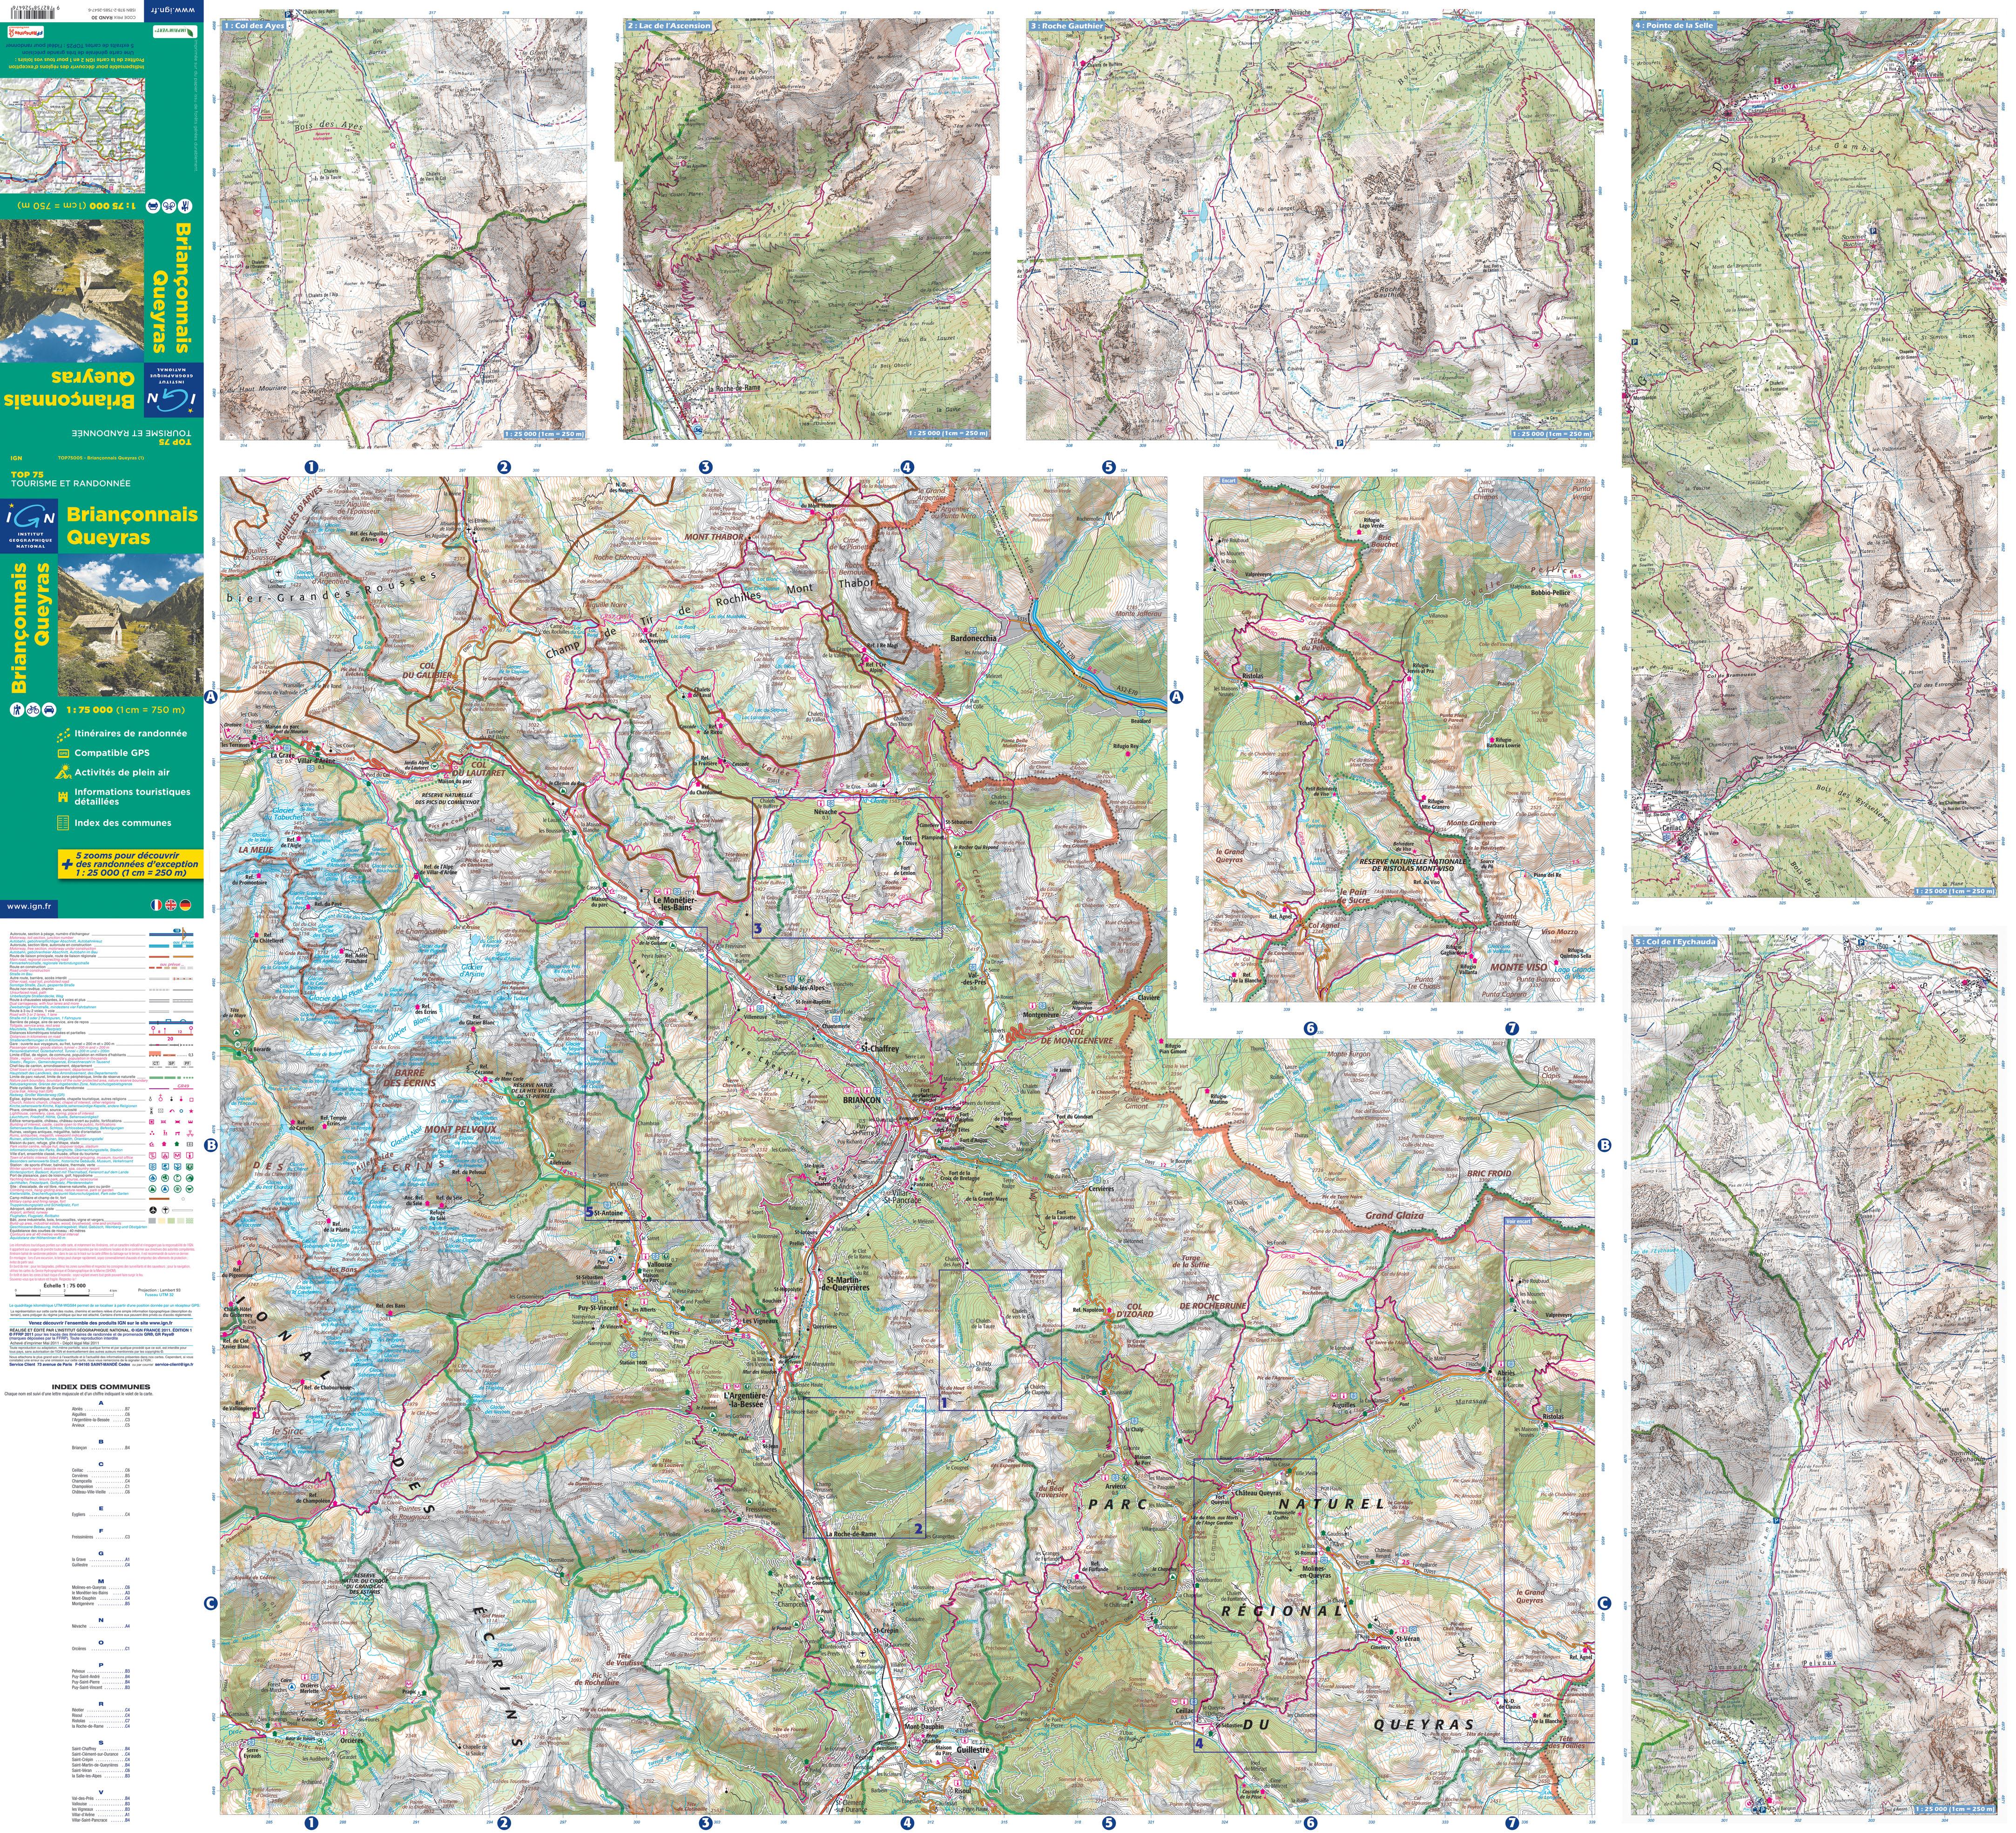 Fietskaart Wandelkaart 01 Top75 Massif Du Vercors Ign 9782758532651 Reisboekwinkel De